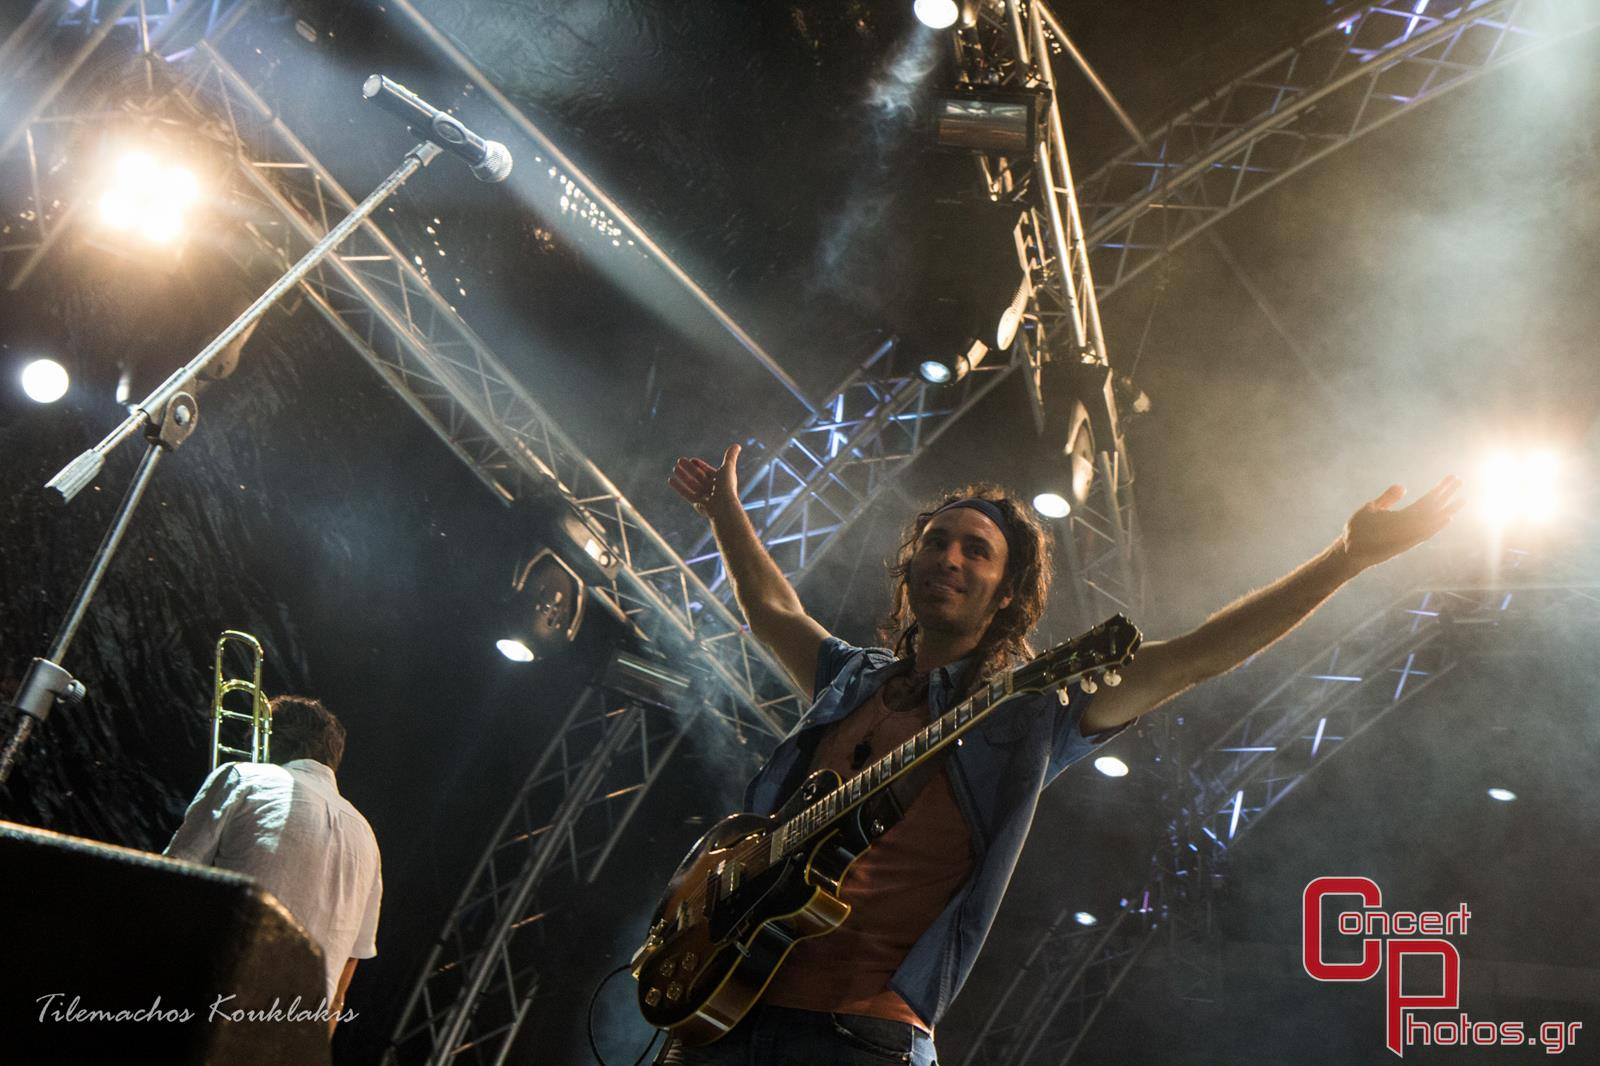 Μία συναυλία για τη Σχεδία 2014-Sxedia 2014 photographer:  - concertphotos_20140530_20_13_38-5